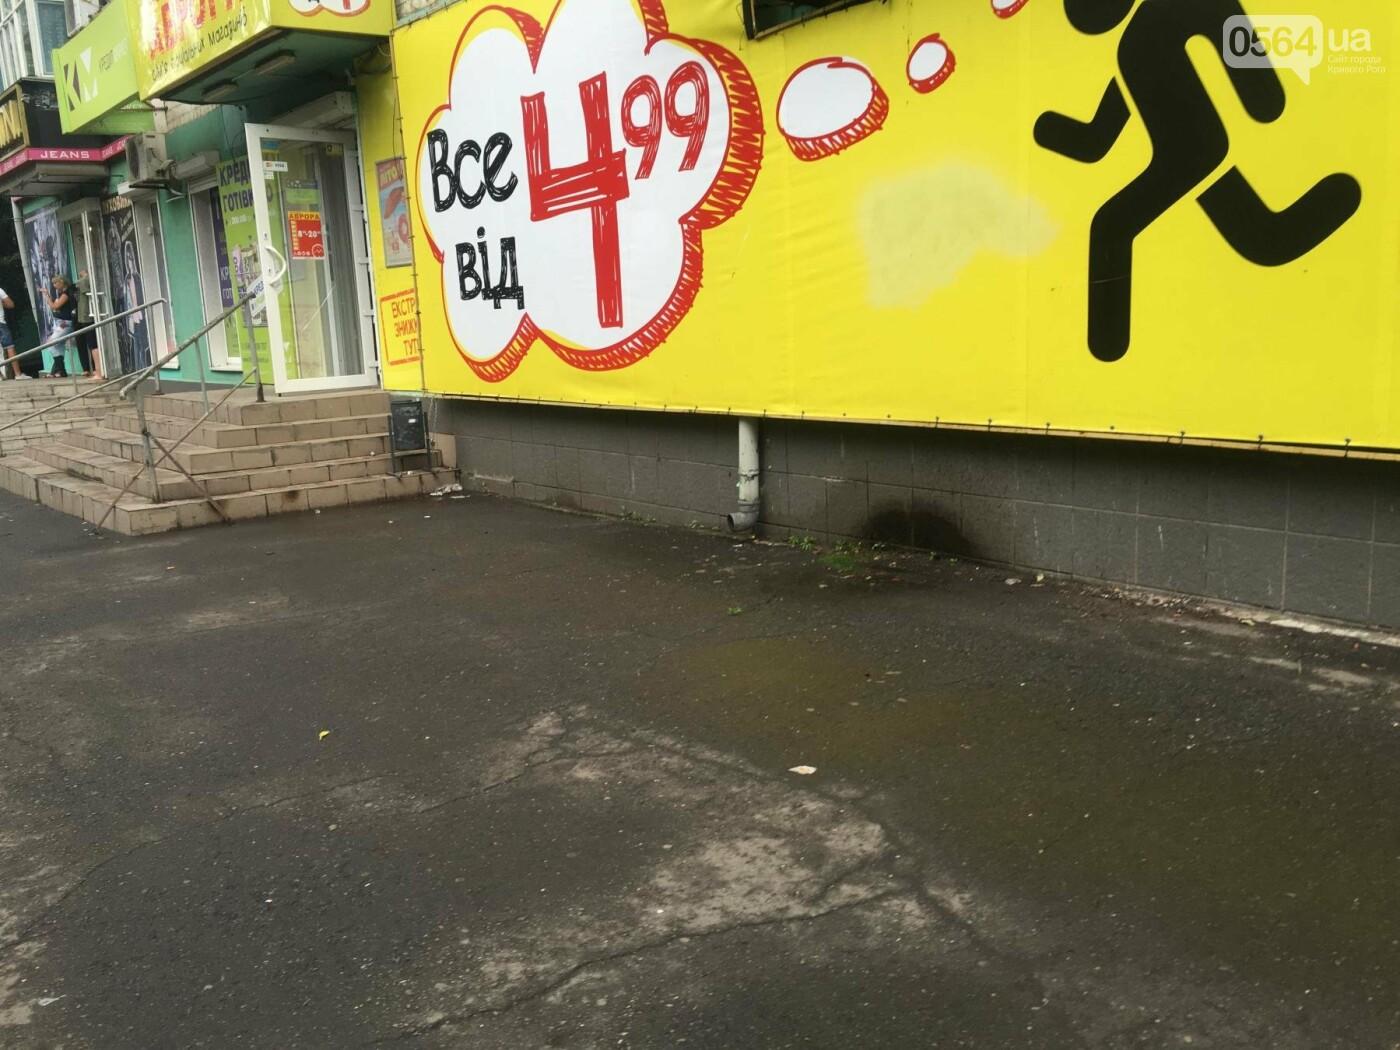 """""""Ждут штраф?"""": В Кривом Роге бизнесмены не спешат устанавливать урны возле своих магазинов, - ФОТО, фото-17"""